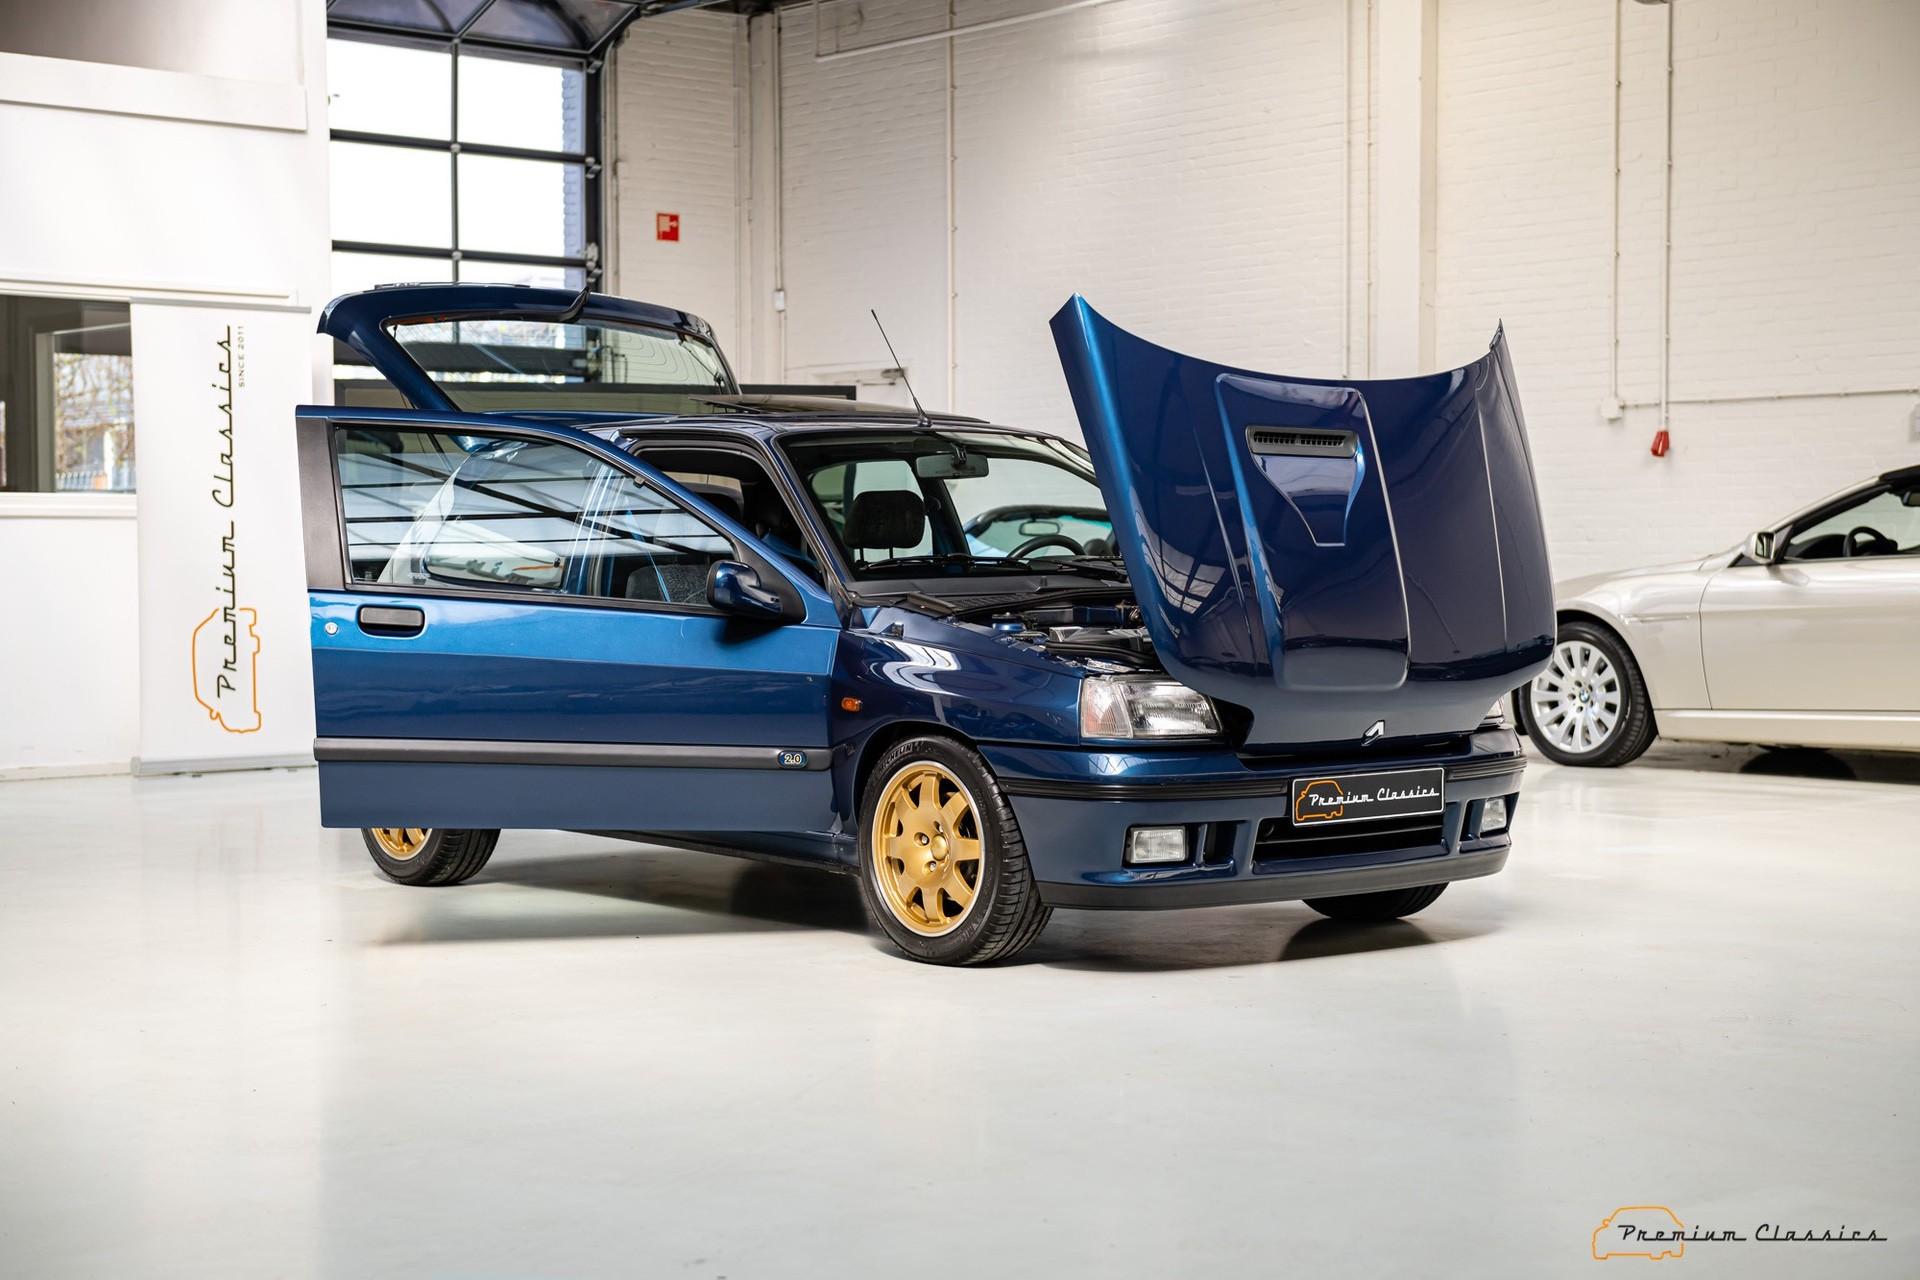 Renault_Clio_Williams_sale-0013